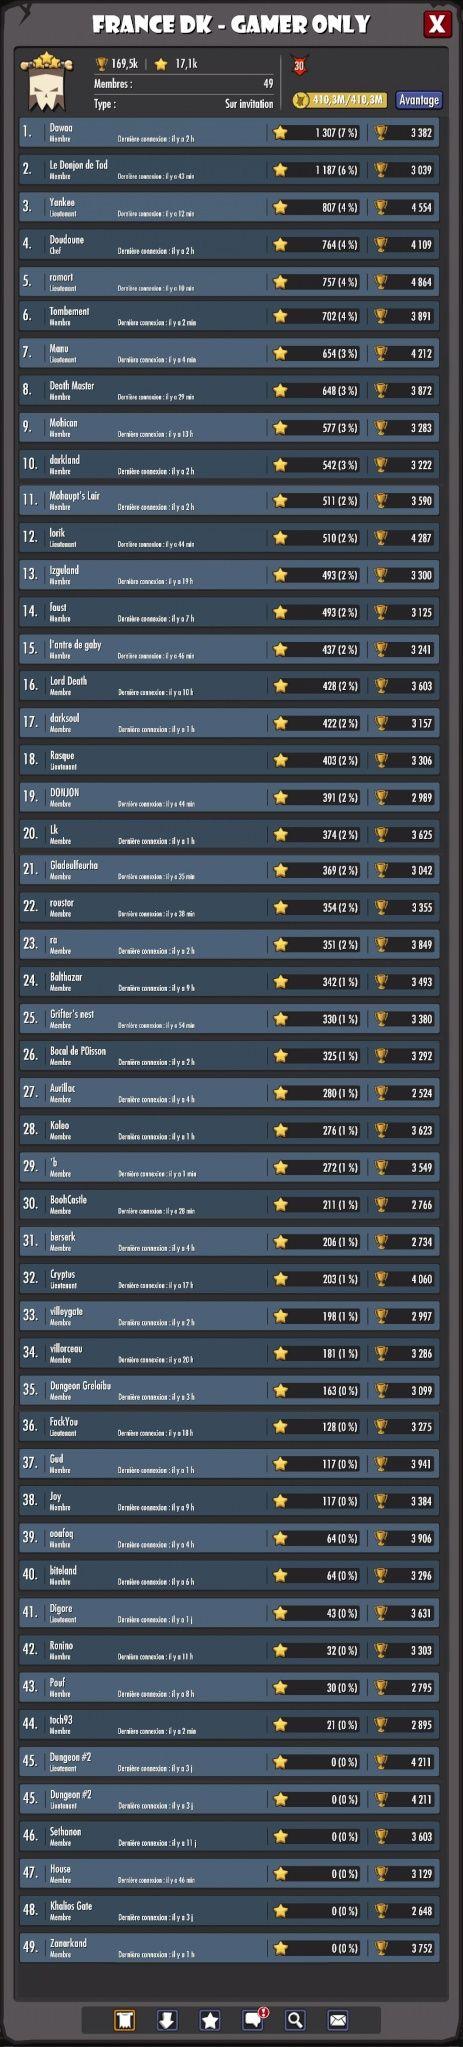 tournoi blitz 4 gain de dreadstone doubler Tourno10